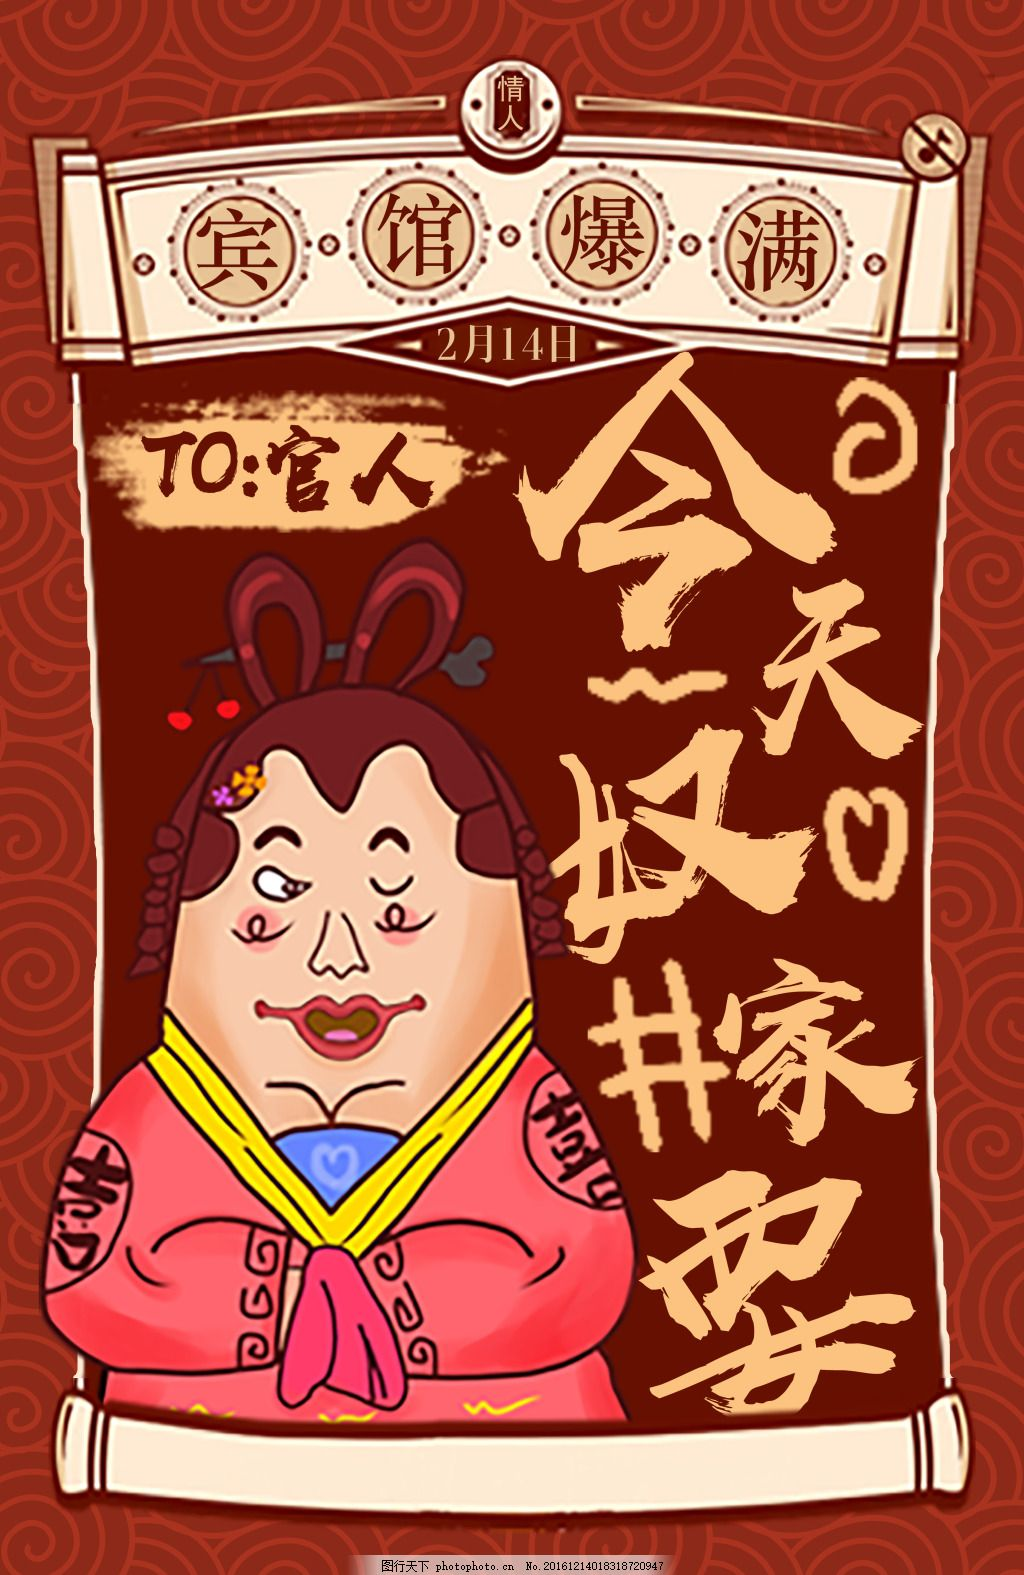 搞笑情人节 卡通 情人节 红色 丑女 搞笑 插画 手绘 古代 反串 女性